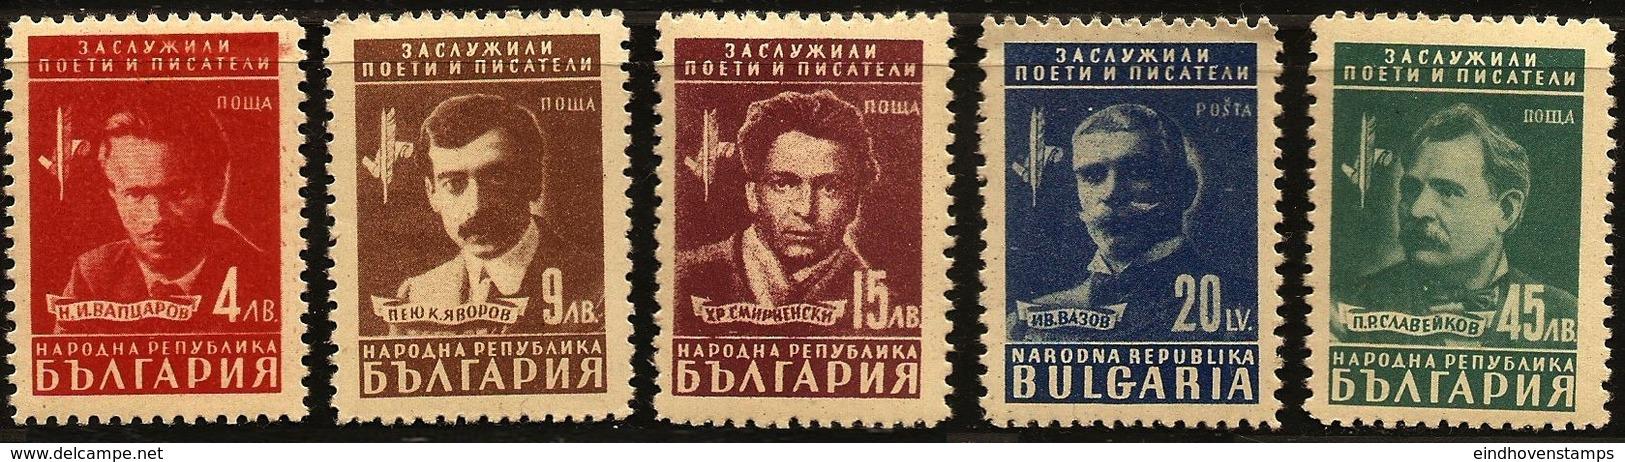 Romania, 1948 Poets & Authors 5 Values MNH Vapzorov, Javorov, Smimenski, Vasov, Stavejkov - Languages